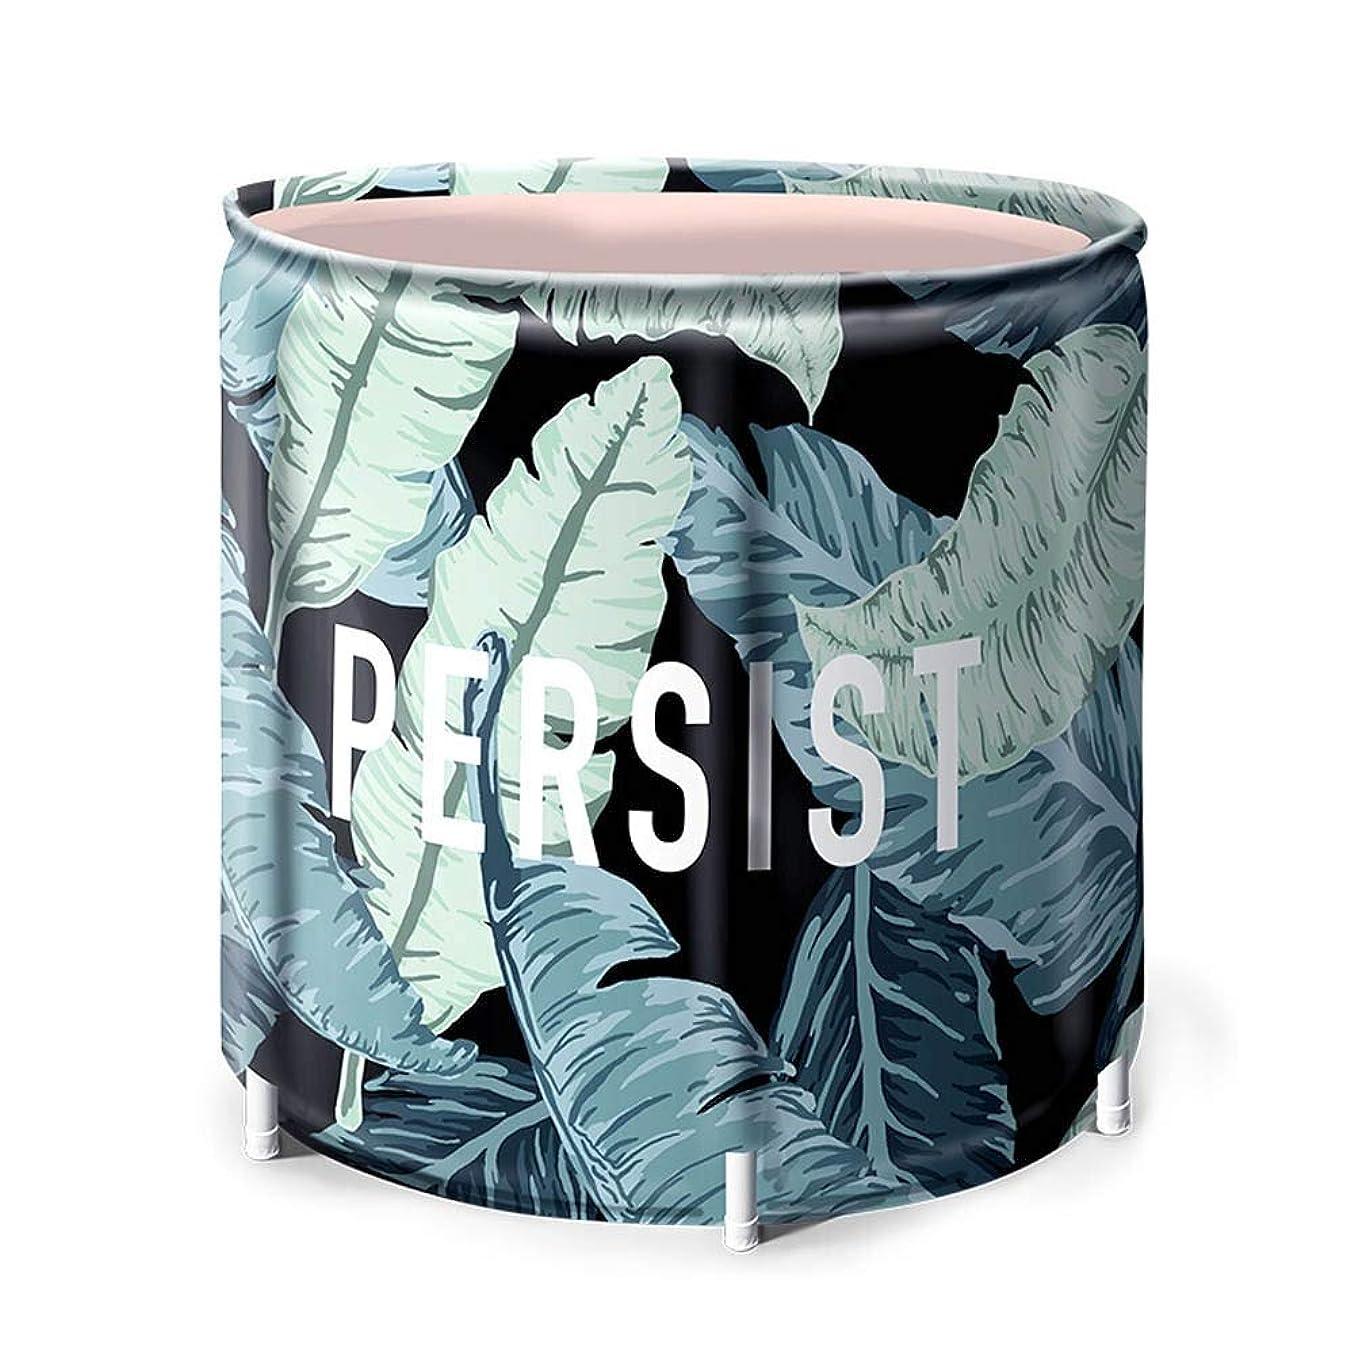 組み合わせる夜間寛容なポータブルバスタブ 大人と子供のポータブルかつ簡単に店工場パターンの折り畳み式バスバレル 浴槽?バスタブ (色 : 緑, サイズ : 65x70cm)